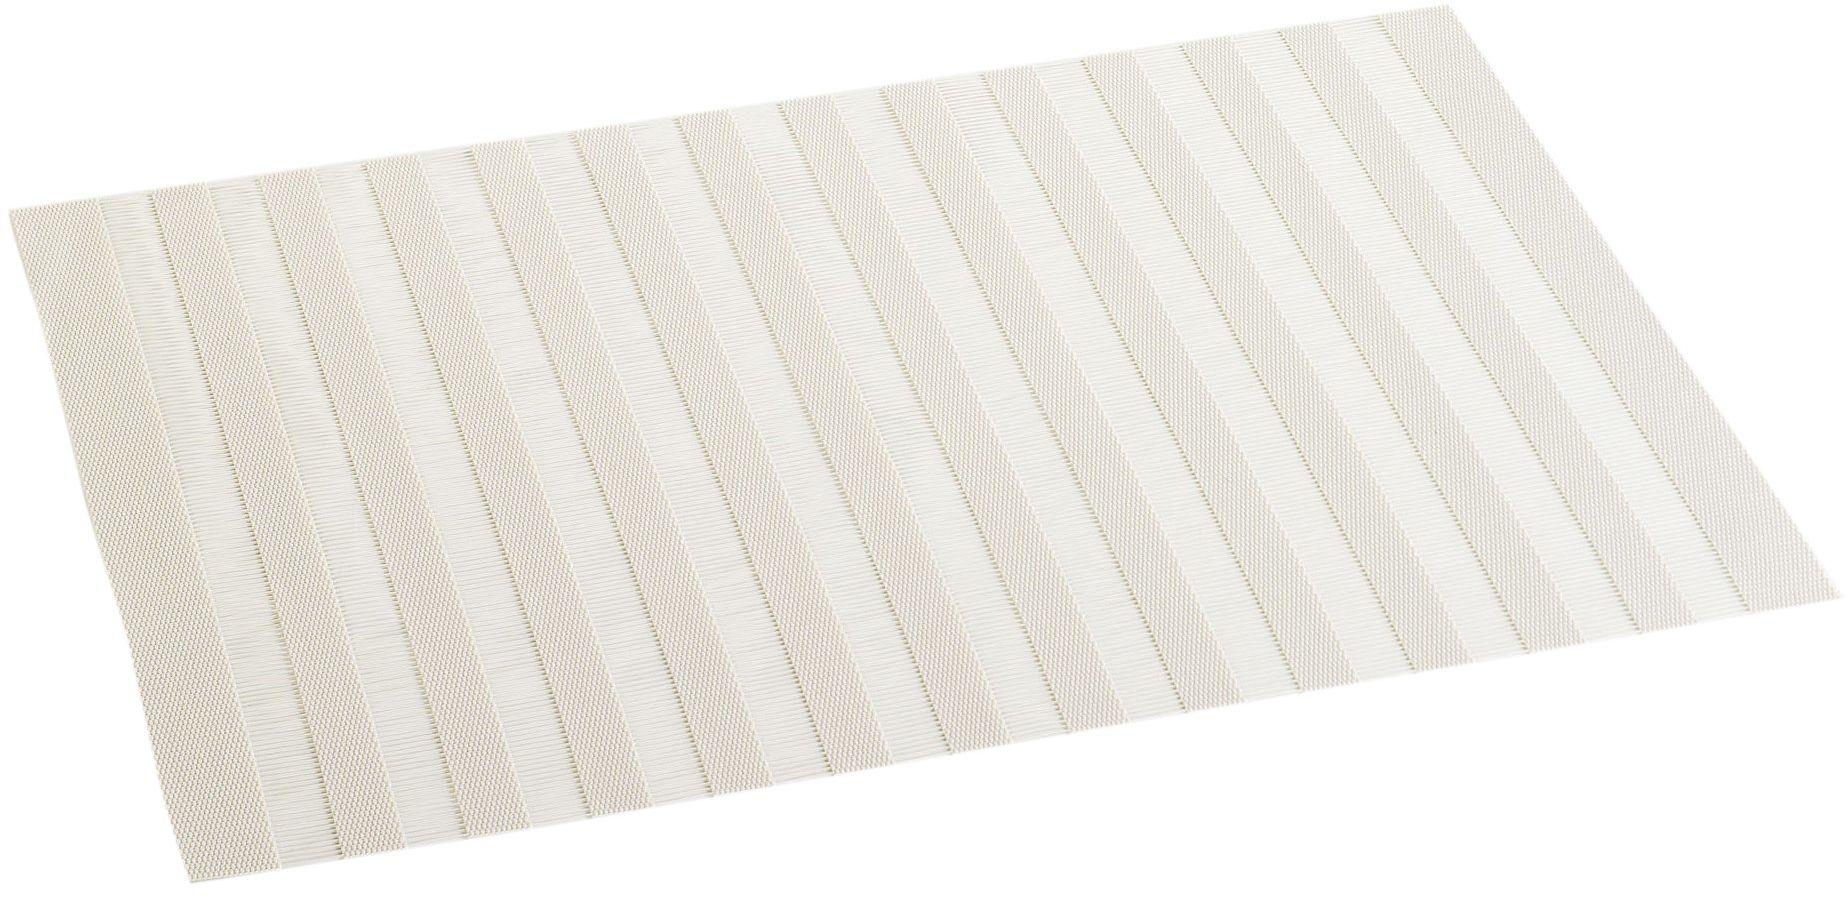 DECORLINE podkładka pod talerz 30 x 45 PCW ogród, beżowy (naturalny), 30 x 45 cm